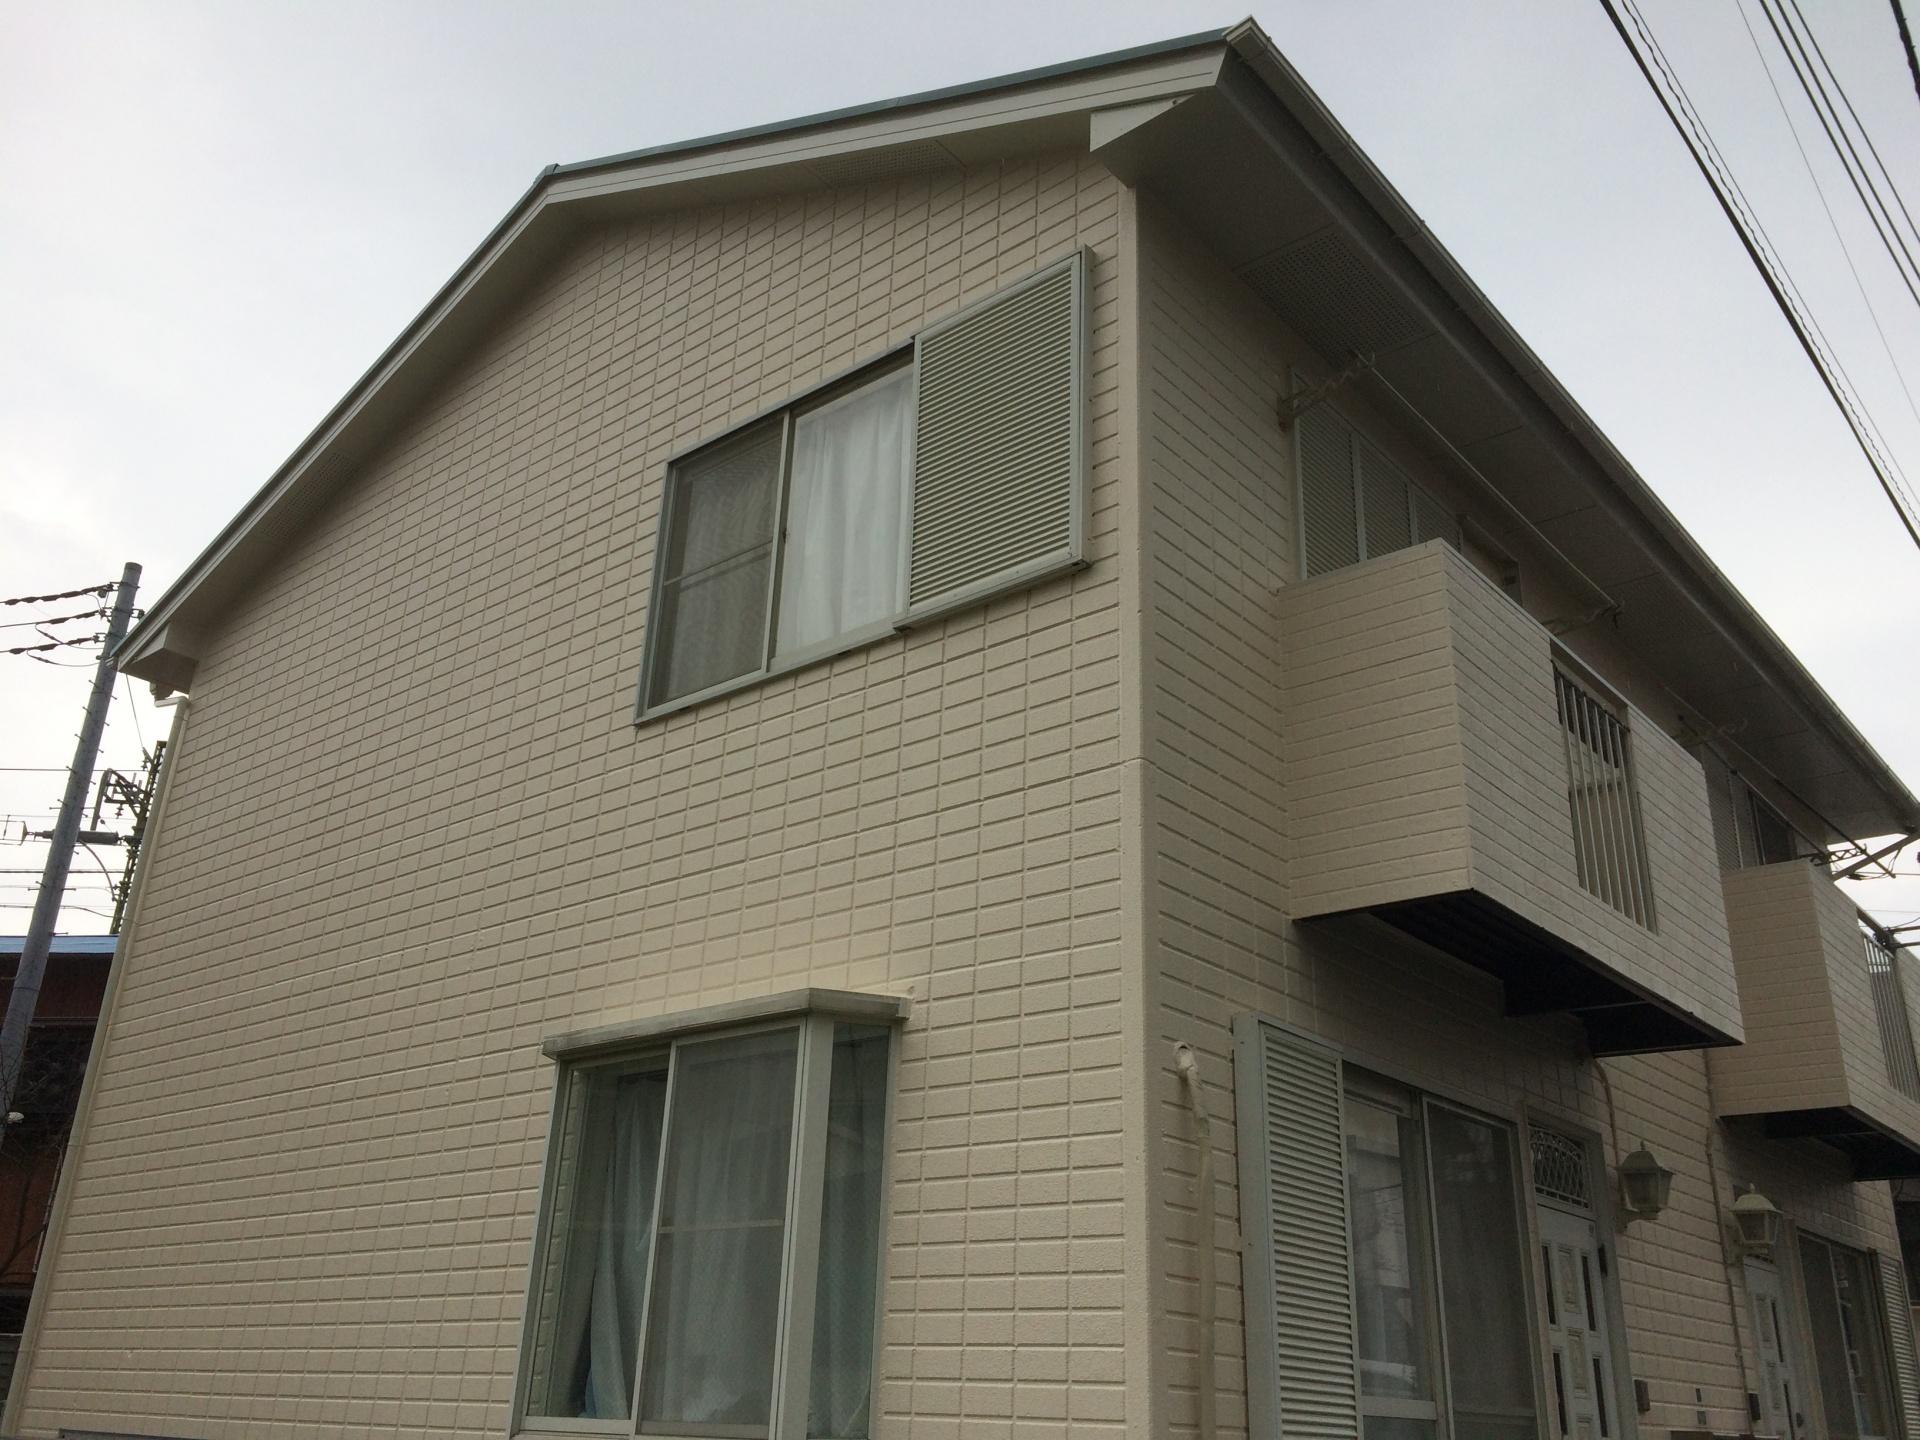 横浜市鶴見区馬場でALC外壁のアパートのメンテナンス、ファインパーフェクトベスト(ミラノグリーン)とプレミアムシリコン(SR-405)を使用した屋根外壁塗装で生まれ変わった綺麗な仕上がりになりました、施工後写真